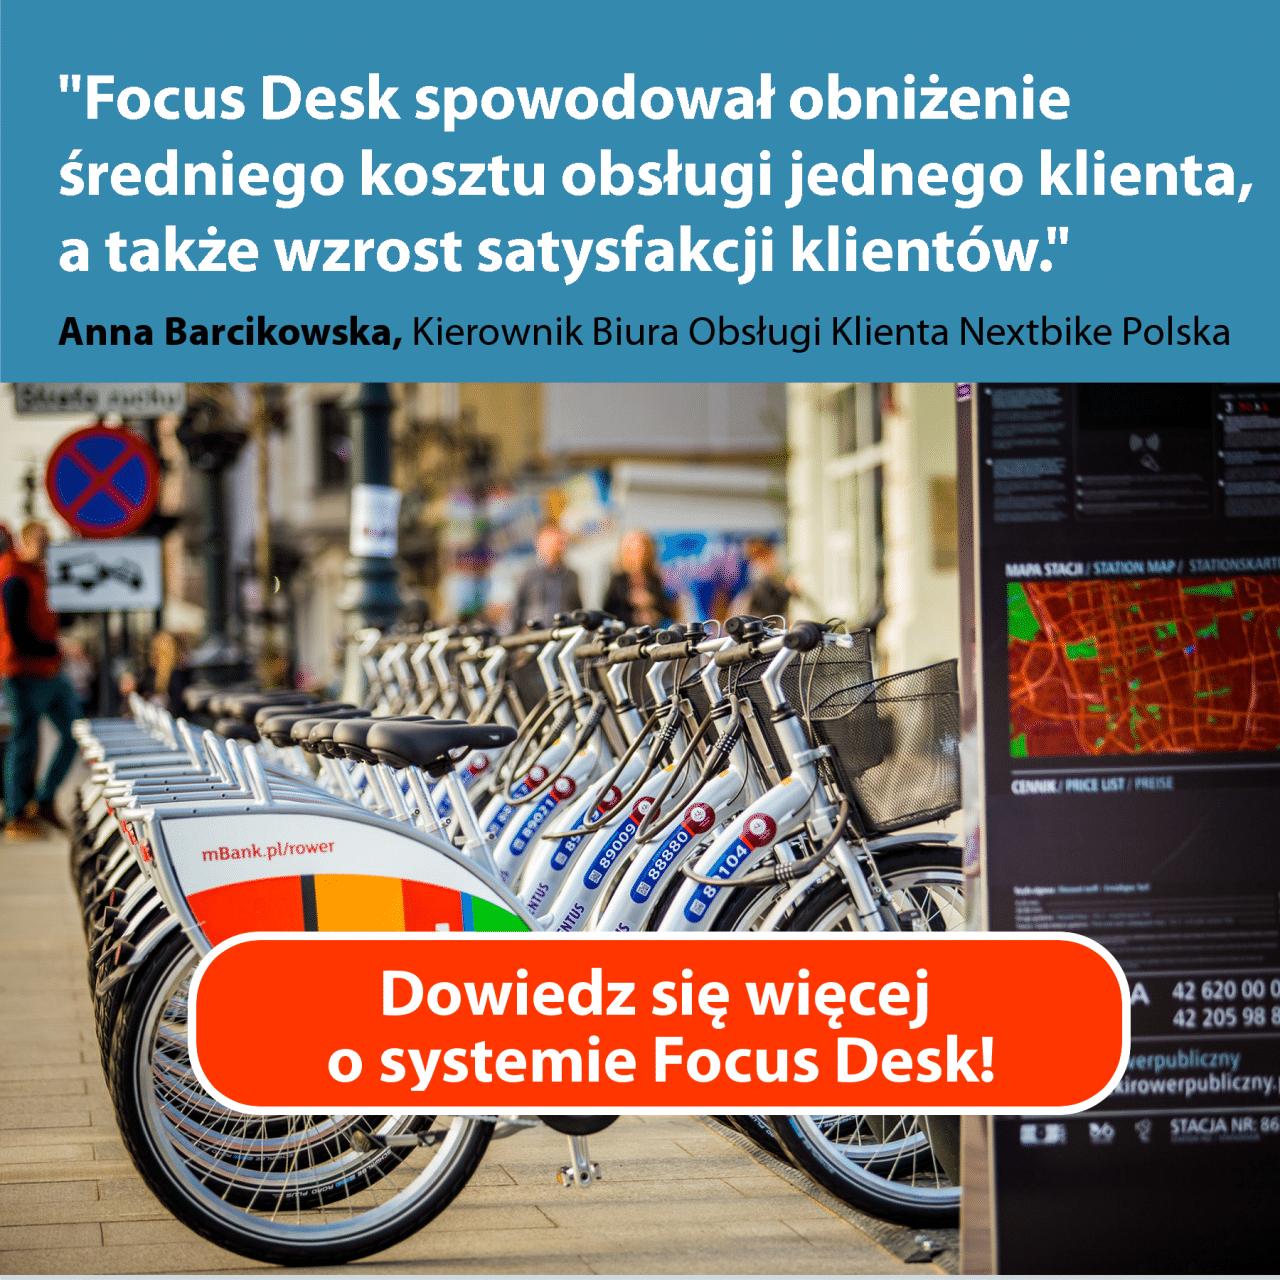 System ticketowy po polsku - zastosowany w Polsce